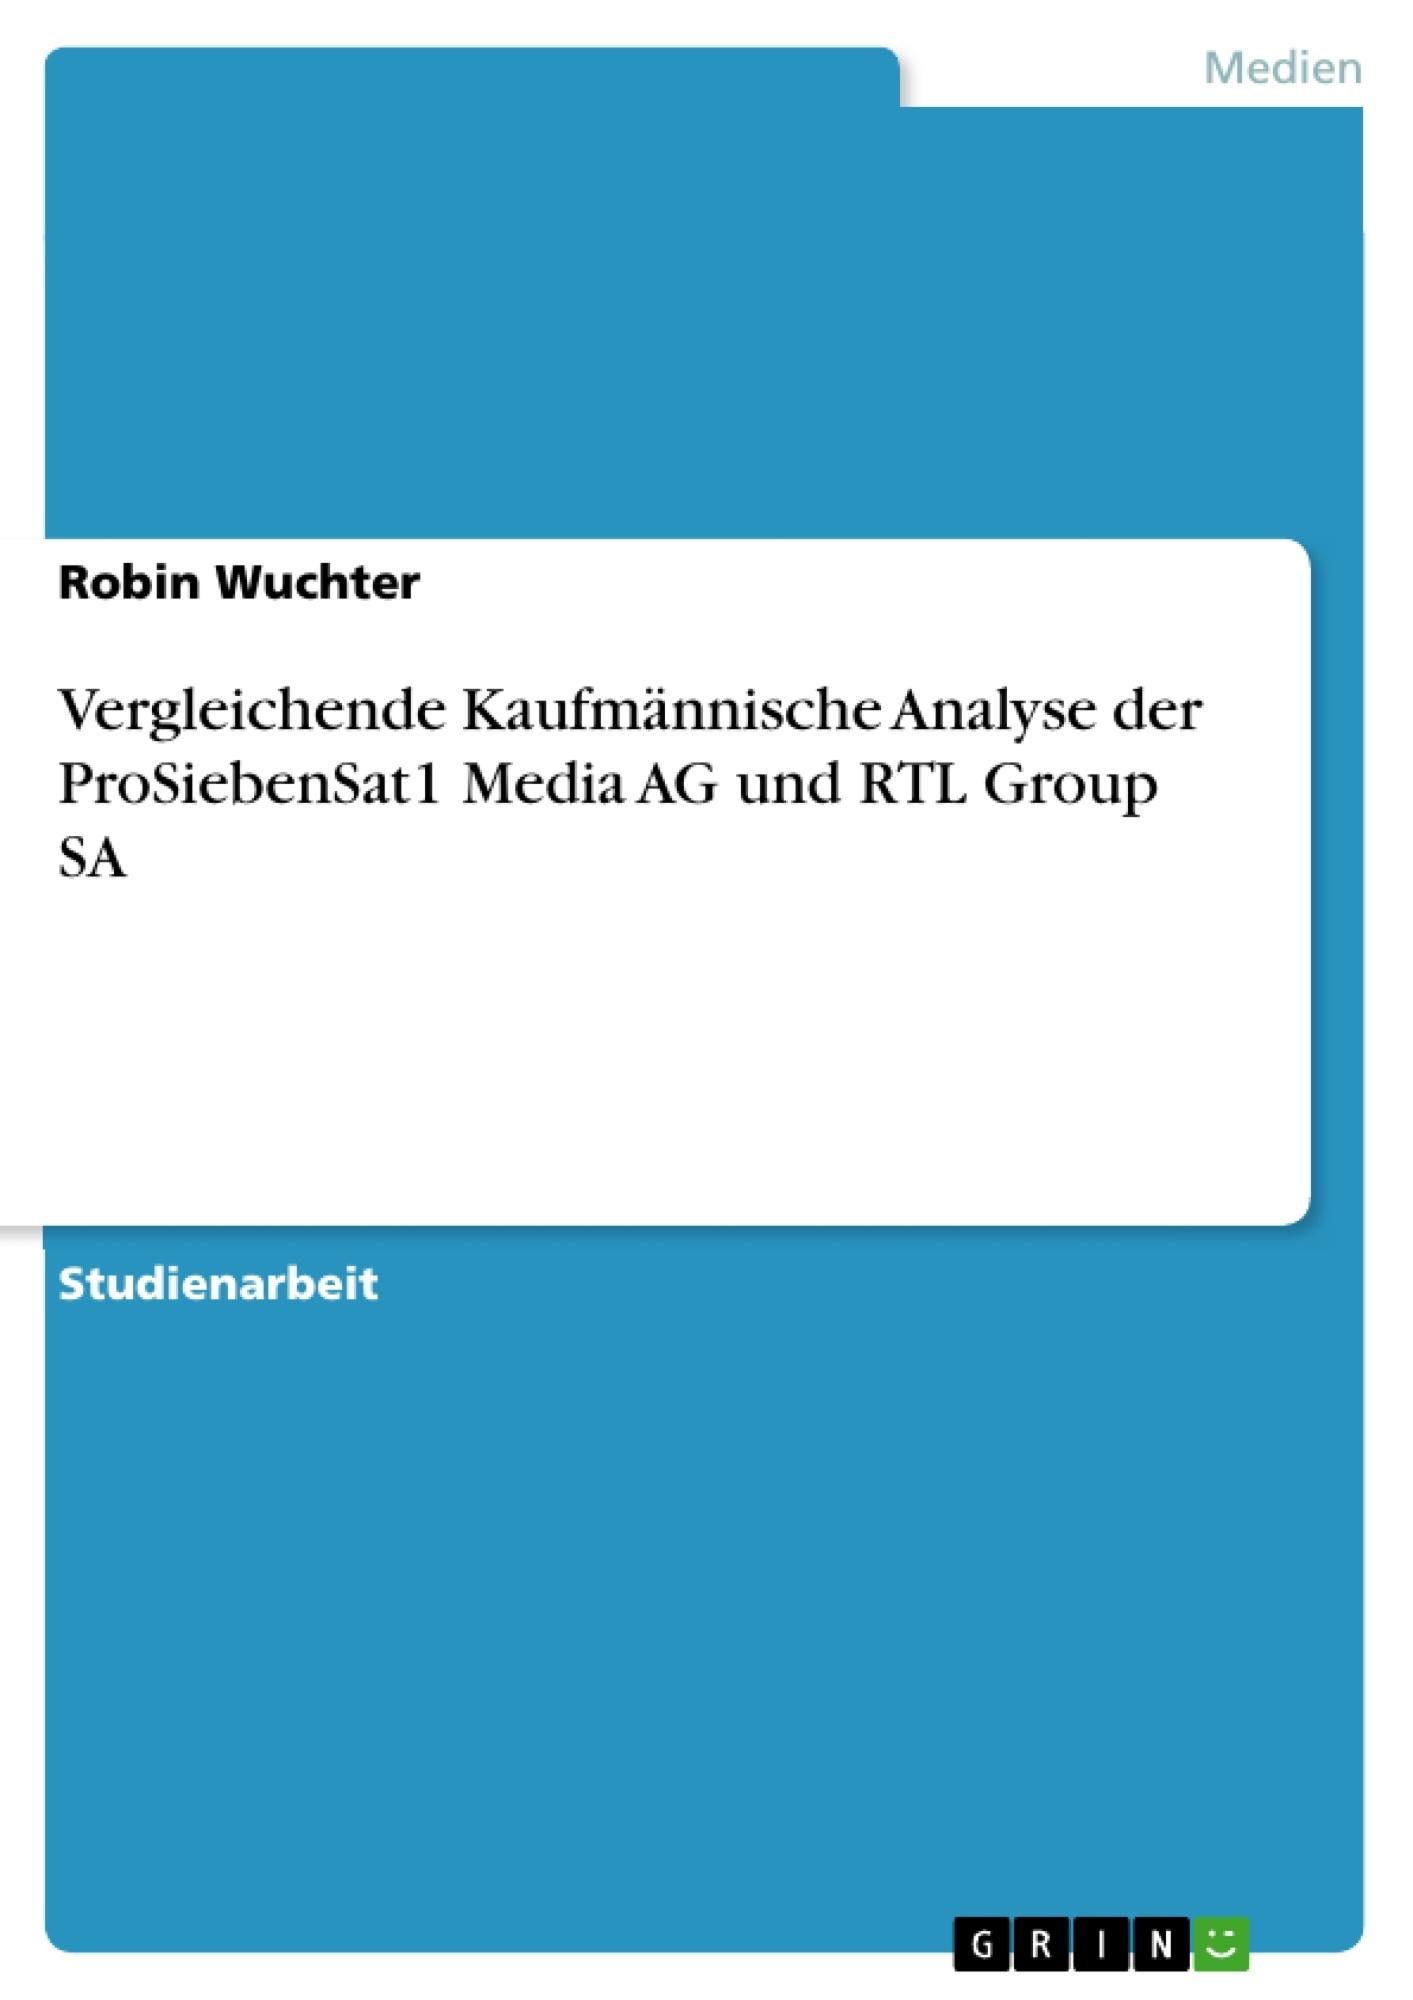 Titel: Vergleichende Kaufmännische Analyse der ProSiebenSat1 Media AG und RTL Group SA